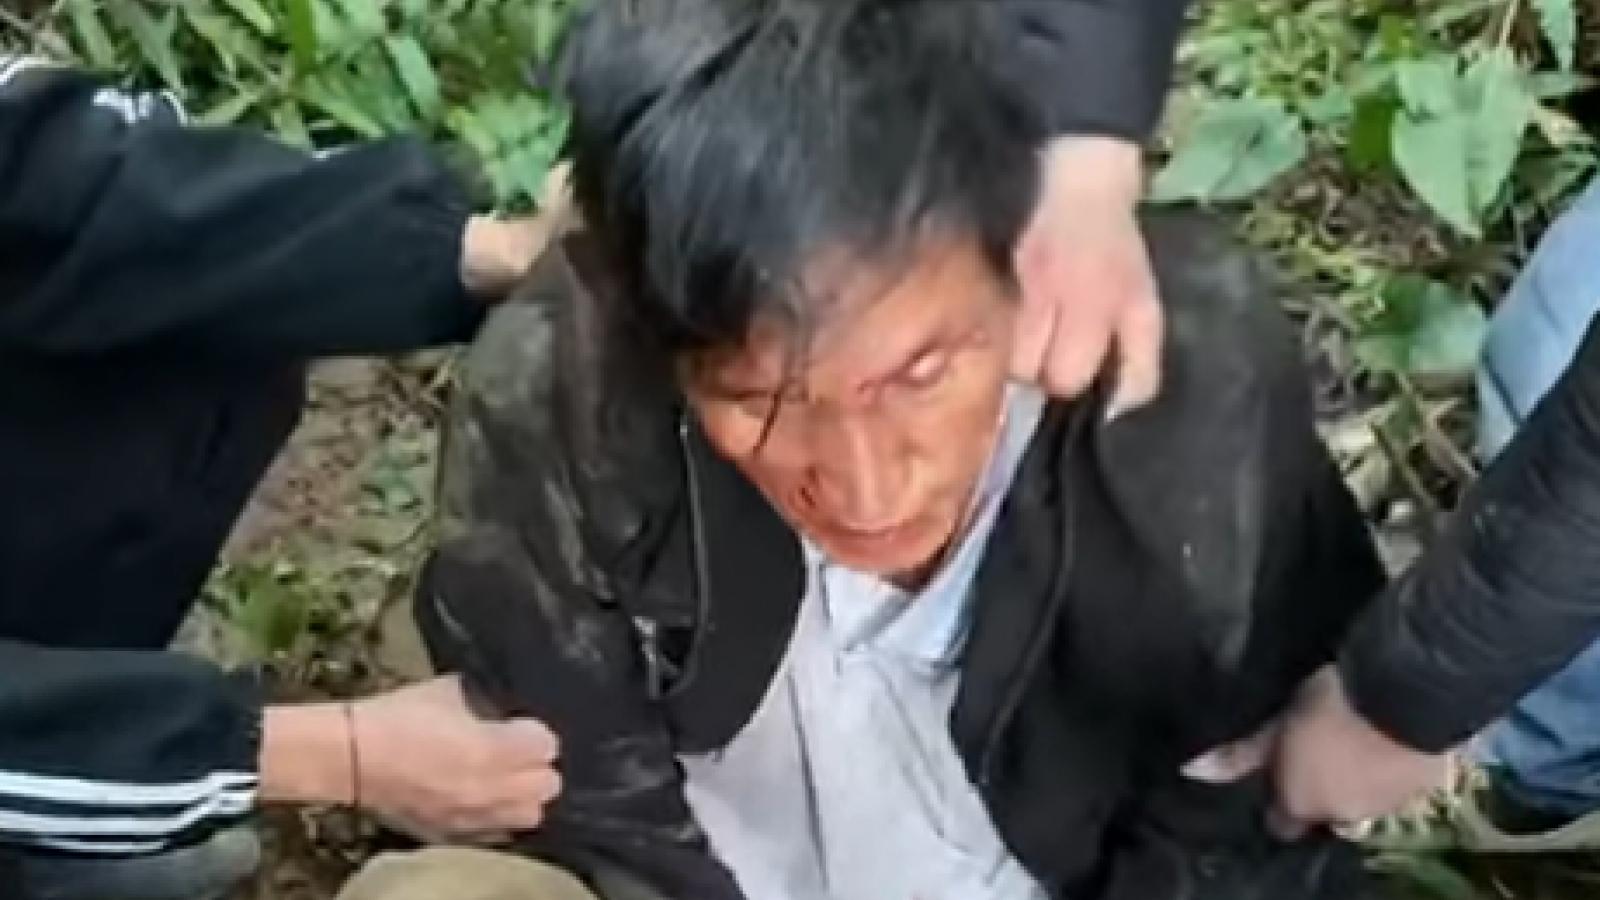 Con nghiện ôm súng mang ngàn viên ma túy vào rừng giao dịch